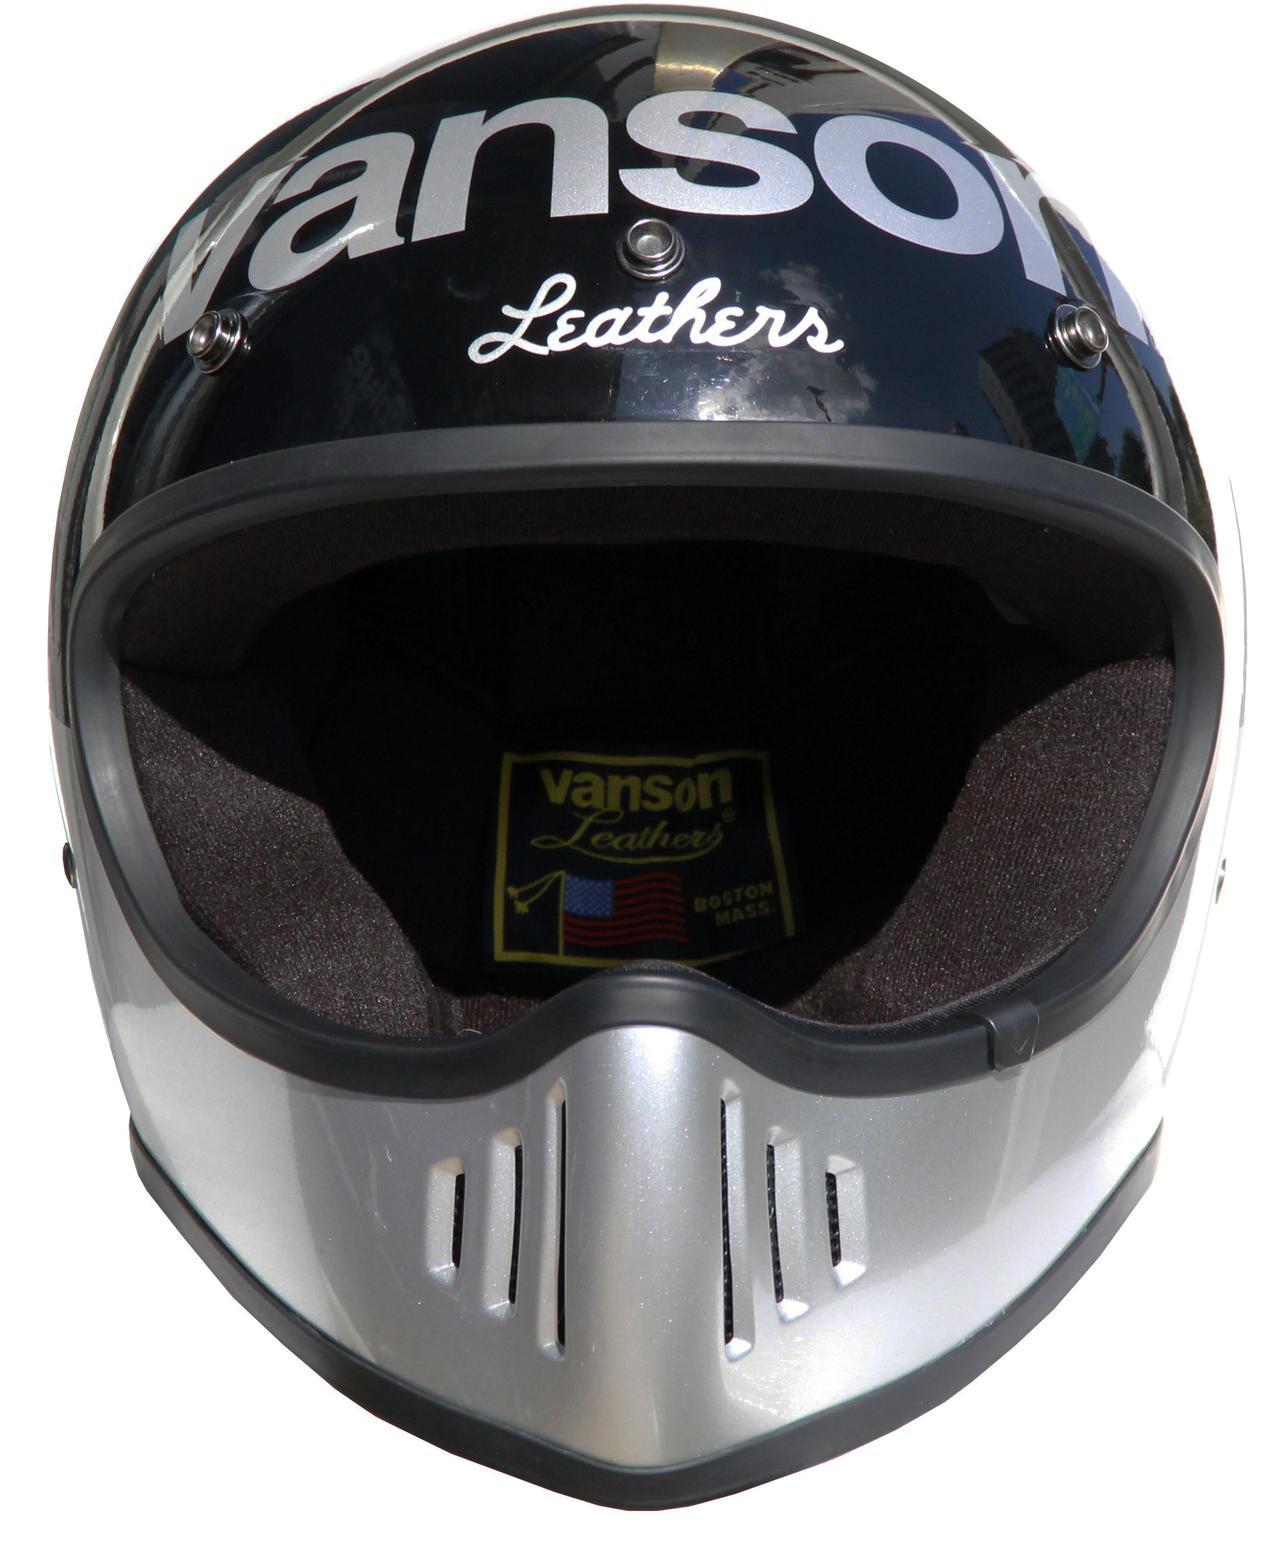 画像4: vansonブランドのビンテージオフロードヘルメットが登場!